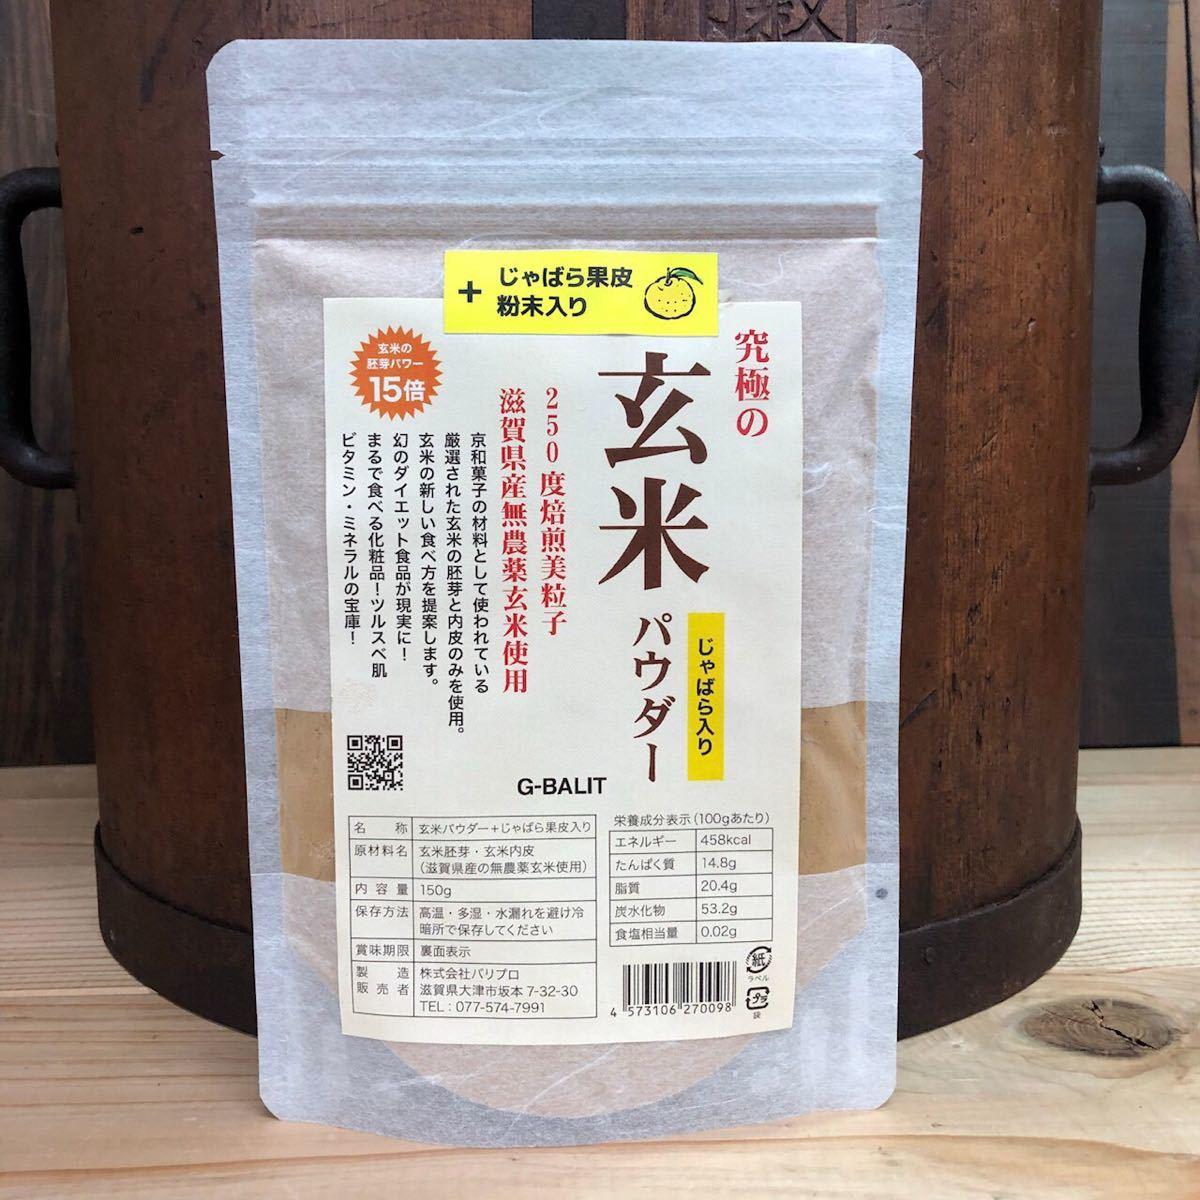 究極の玄米パウダーじゃばら果皮配合 300g 滋賀県無農薬玄米使用 美粒子タイプ じゃばら 玄米 玄米粉 じゃばら果皮 無糖 無添加UP HADOO_画像1